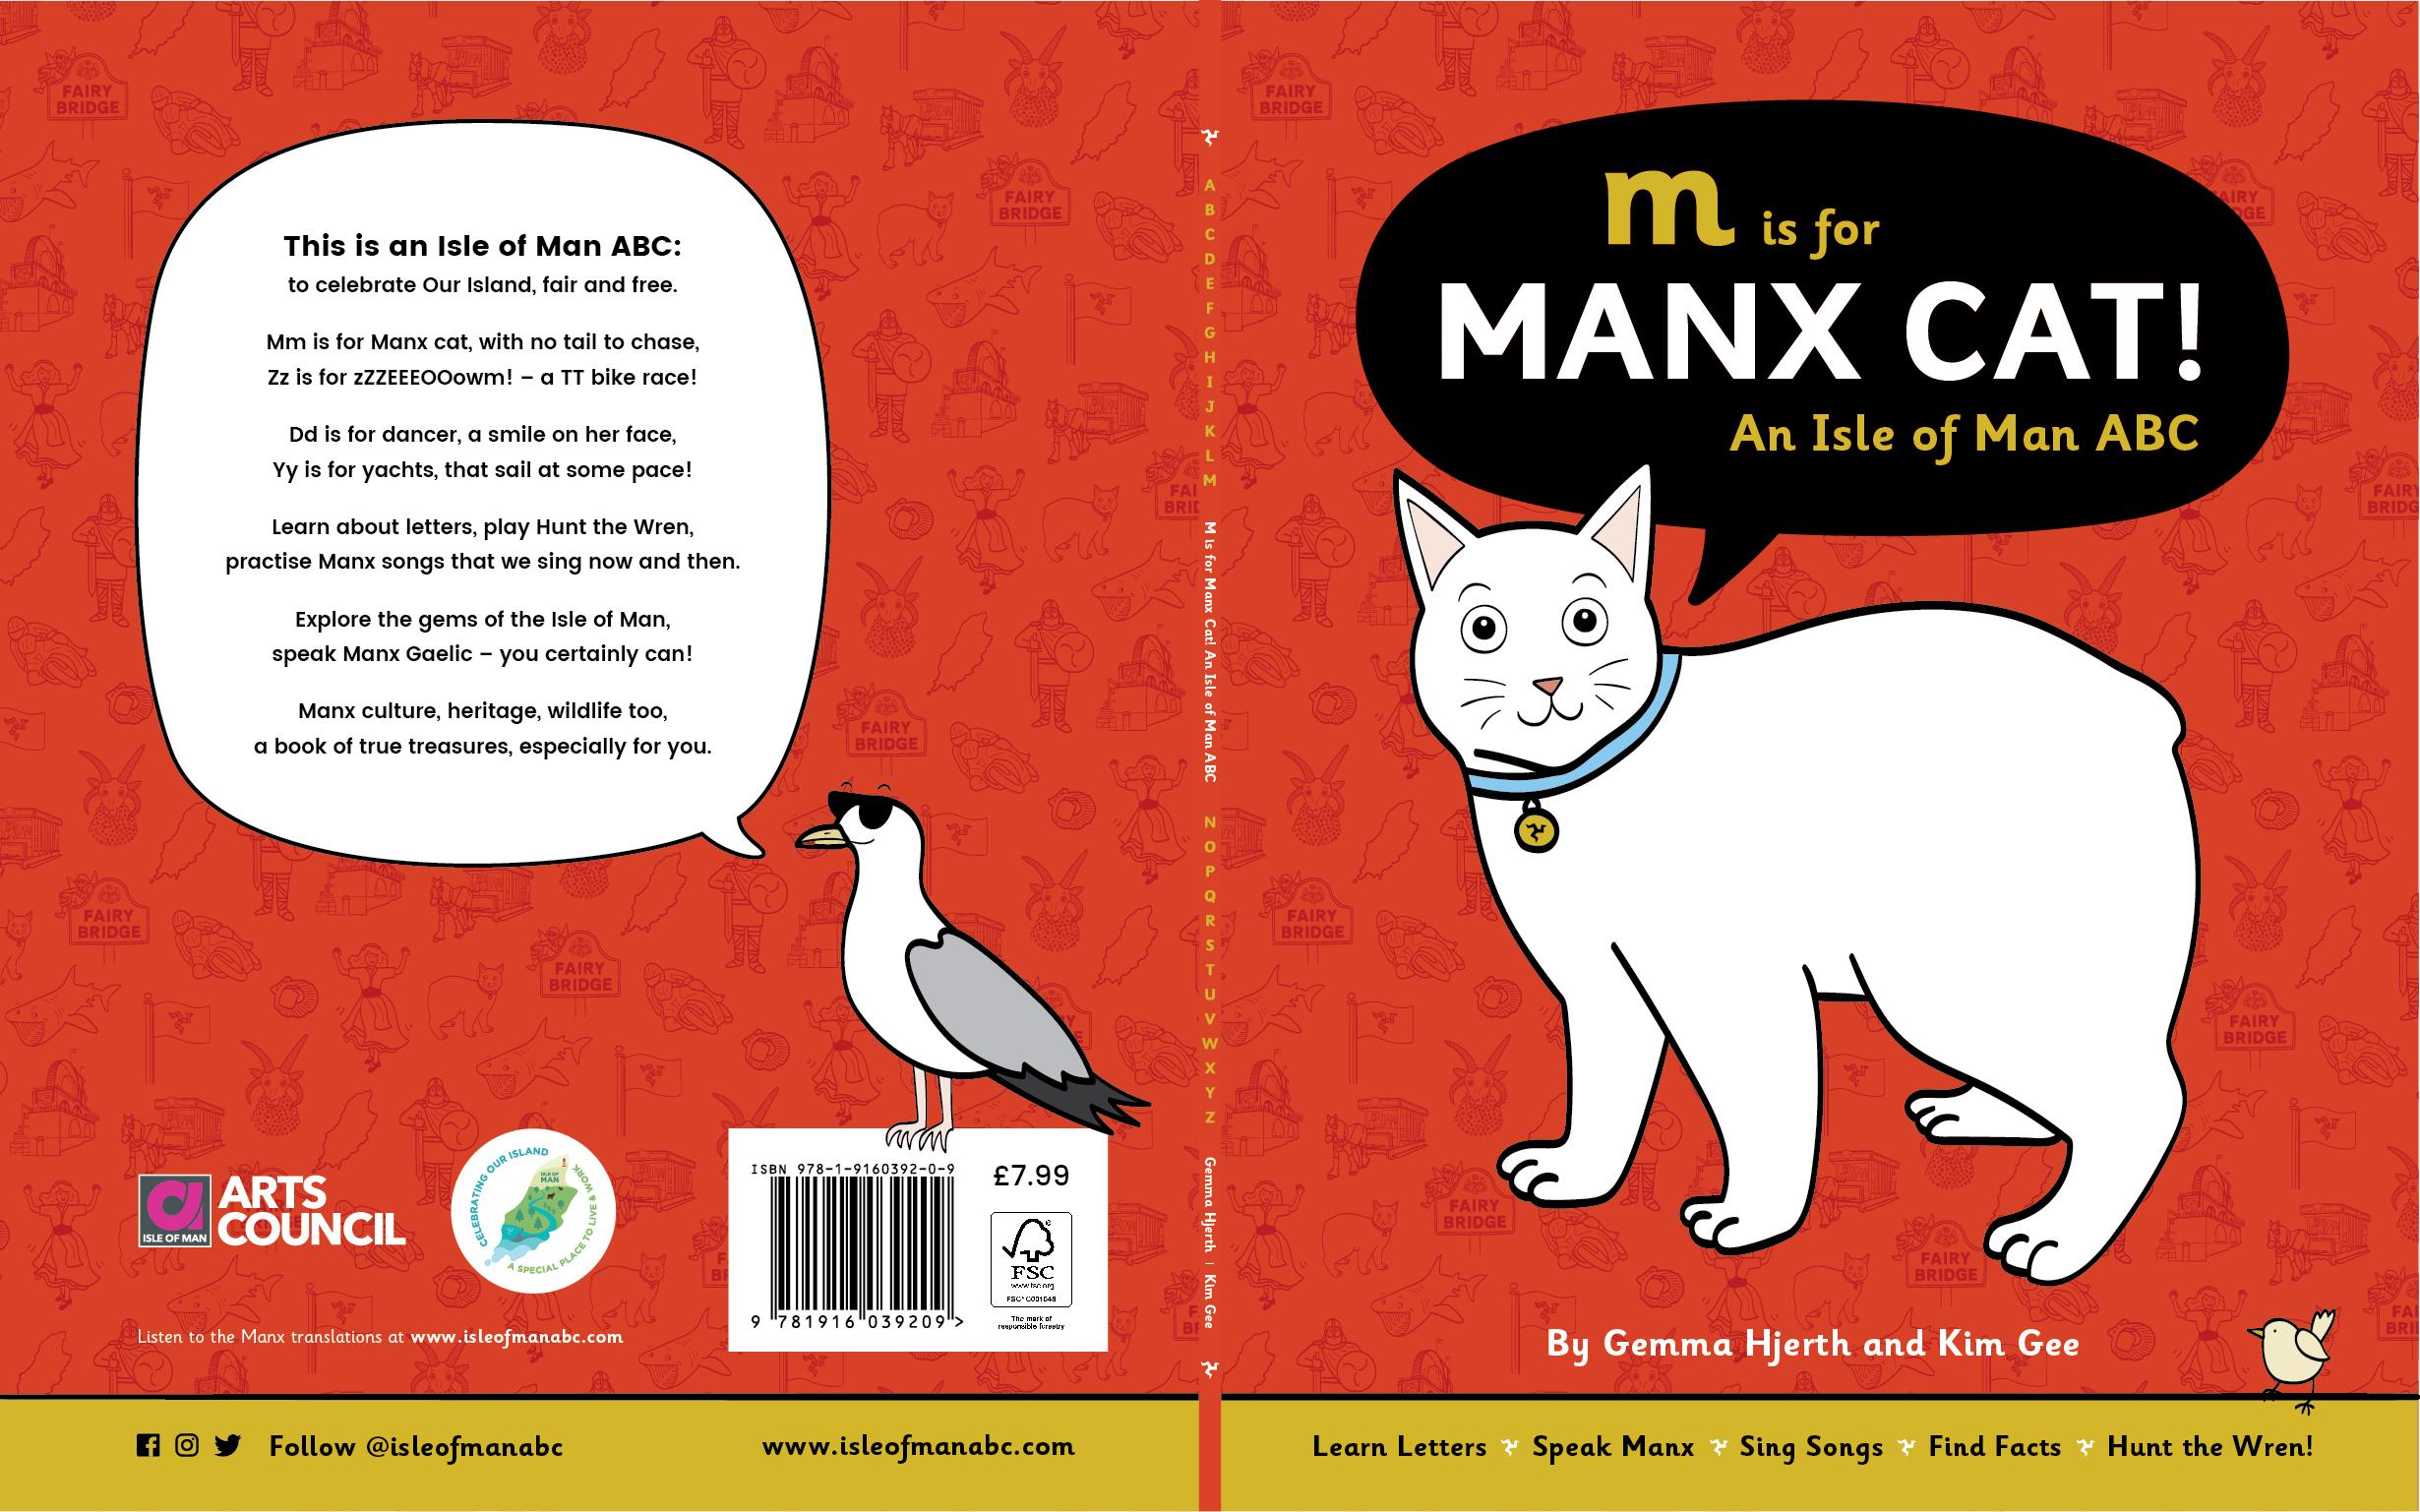 MisforManxCat_cover_PRINT_v3.jpg